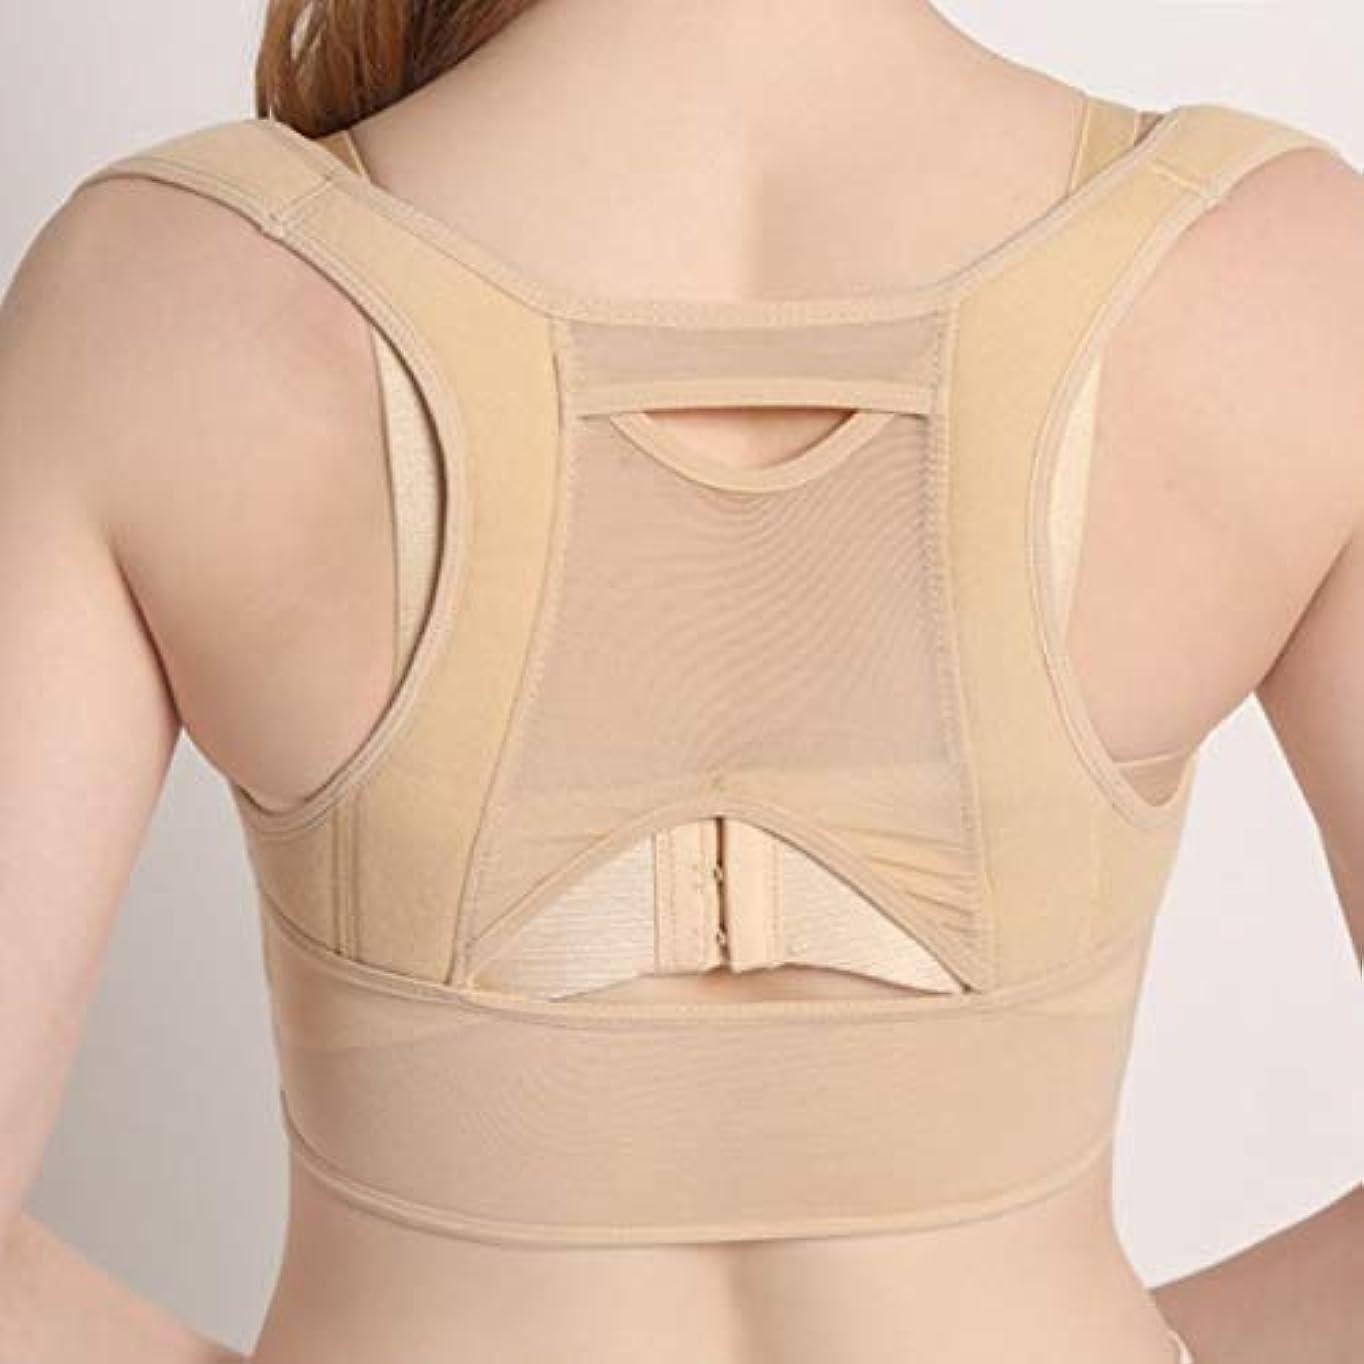 構想するパワーセル磁器通気性のある女性の背部姿勢補正コルセット整形外科の背部肩背骨姿勢補正器腰部サポート-ベージュホワイトL